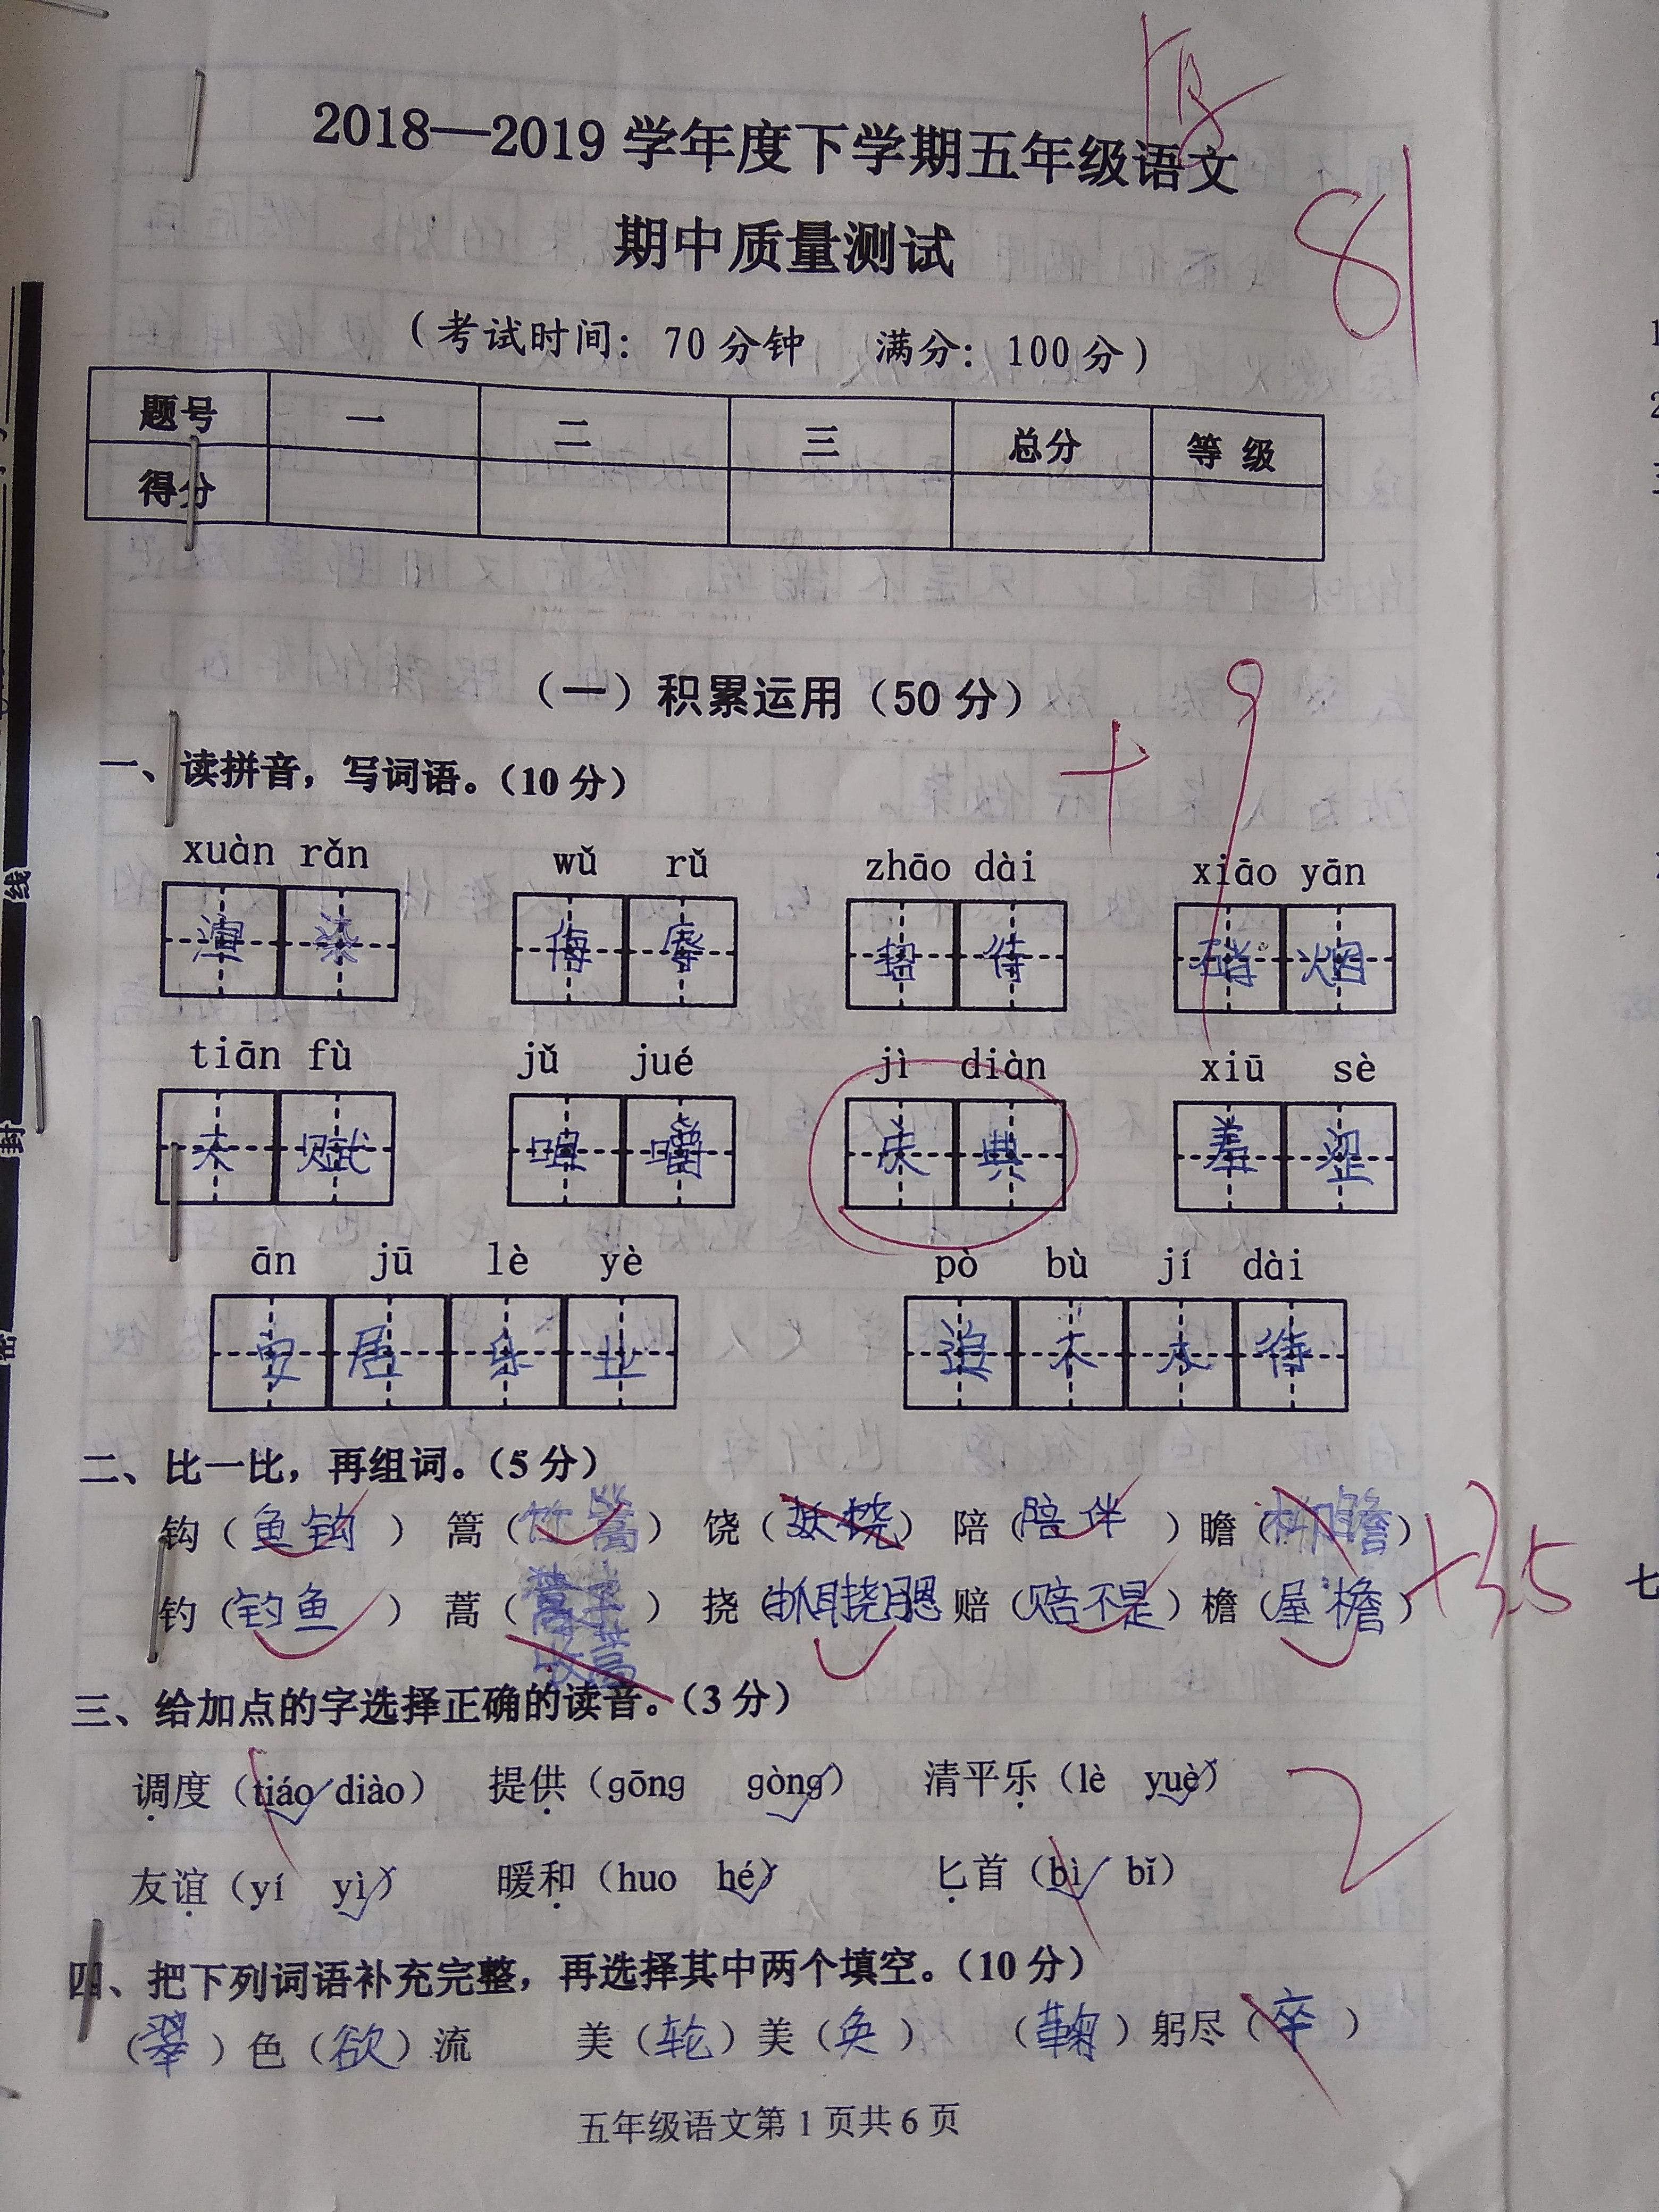 五年级语文期中考试真题,分数不算高,但是做题很认真